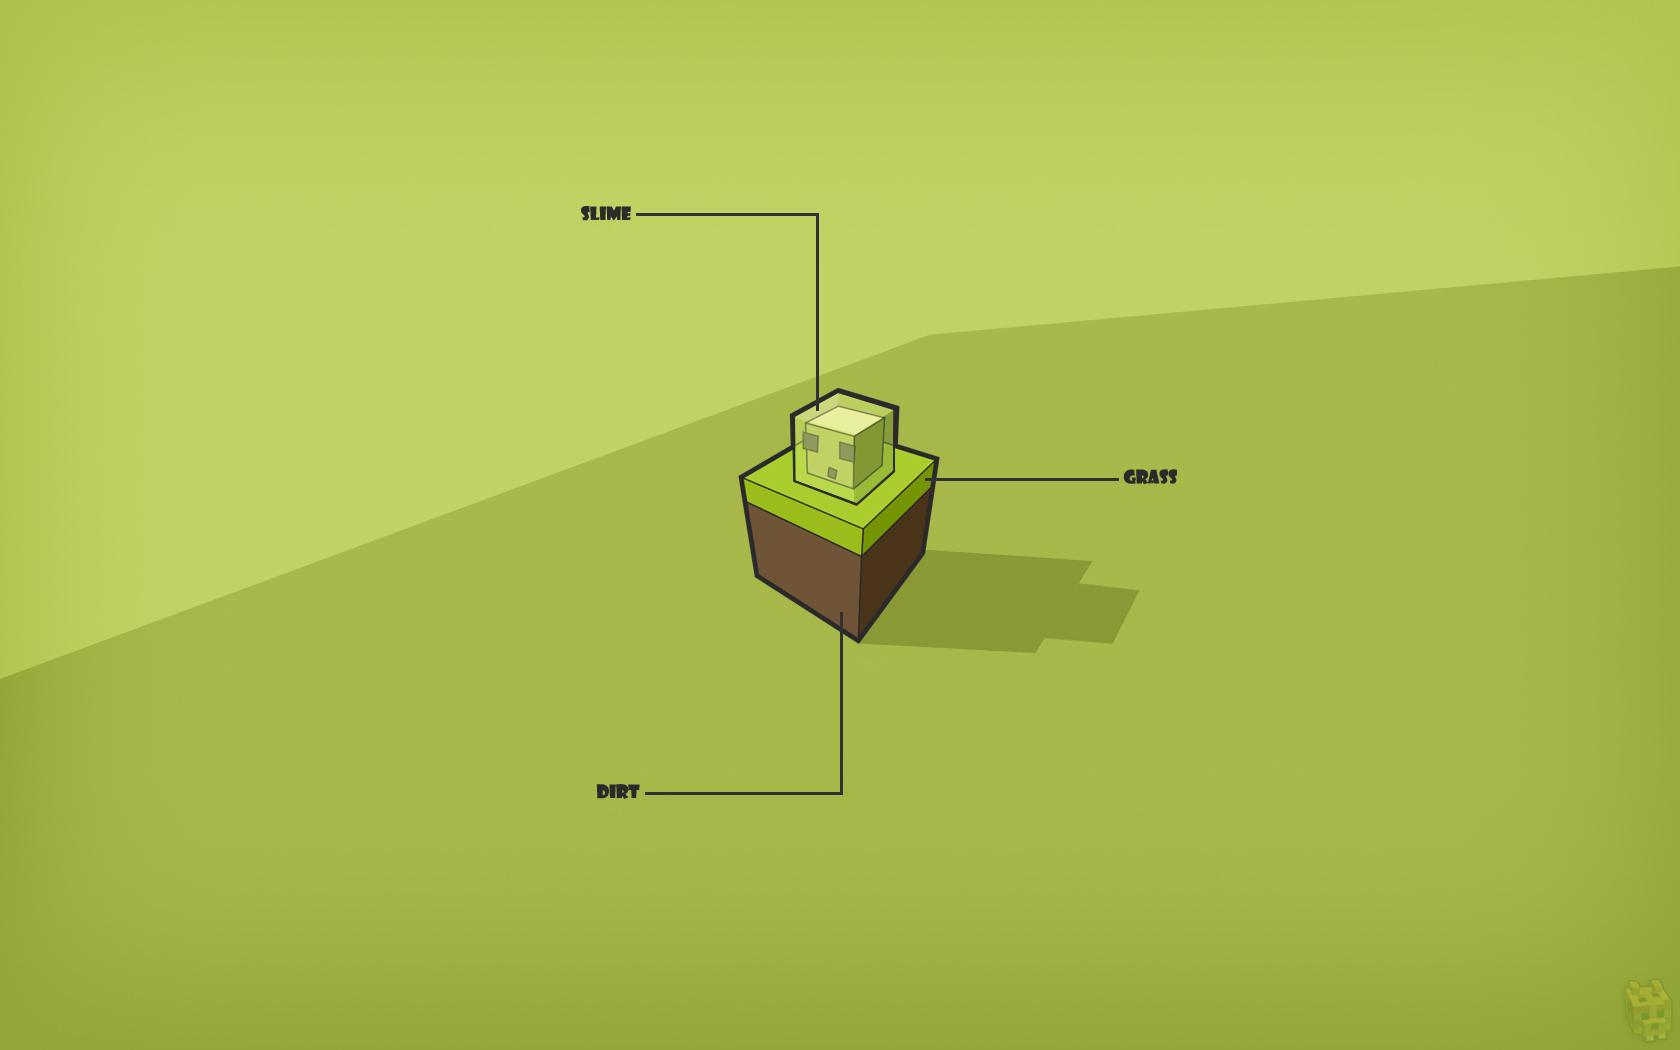 Fantastic Wallpaper Minecraft Green - minecraft_slime_wallpaper_by_dentvanboo-d5mwhpb  Photograph_586346.jpg